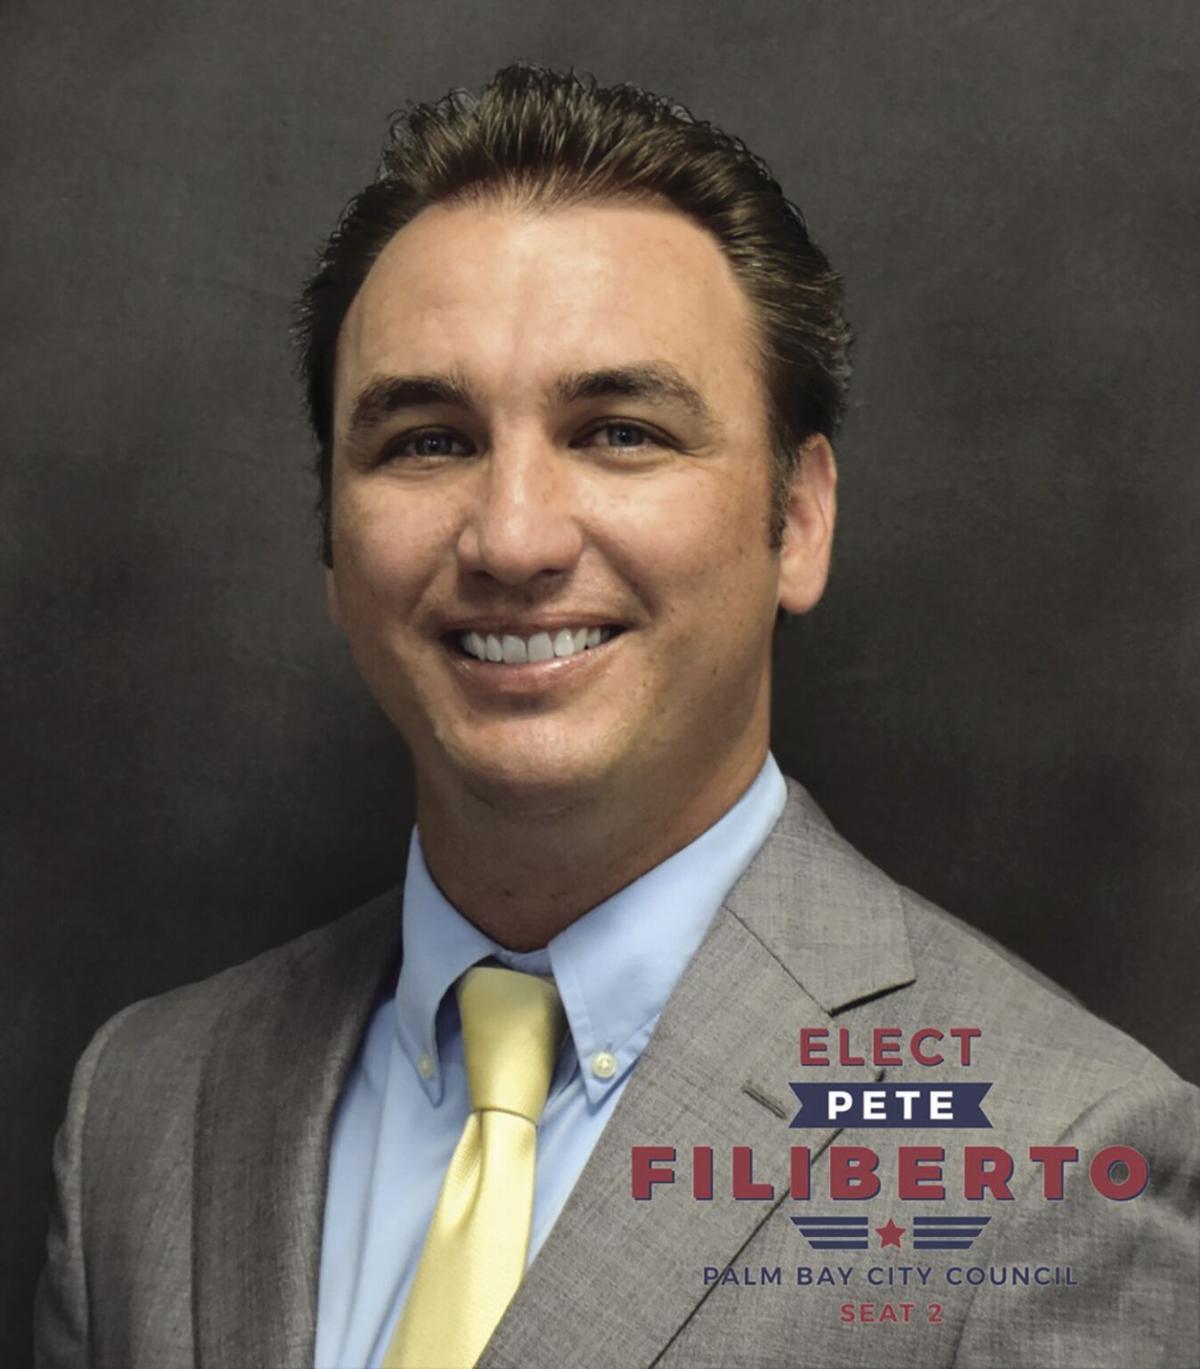 Meet Palm Bay City Council candidates | News | hometownnewsbrevard.com